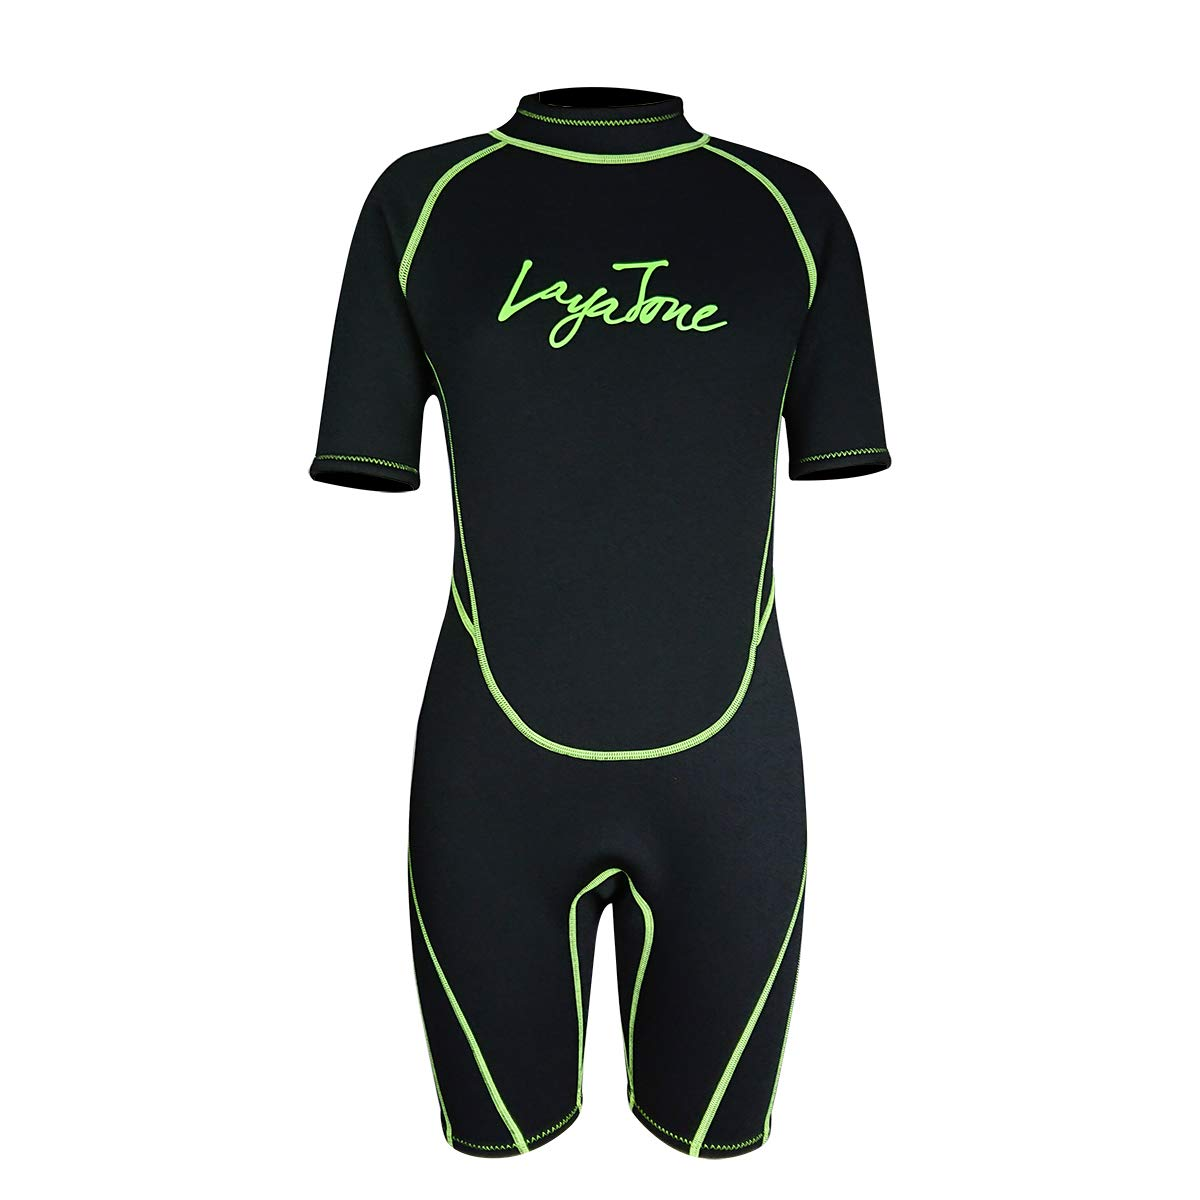 Layatone Wetsuit Shorts Men Premium 3mm Neoprene Diving Suit Keep Warm Wetsuits Women - Surfing Suit Snorkeling Suit Scuba Diving Thick One Piece Swimsuit - Wet Suit Men